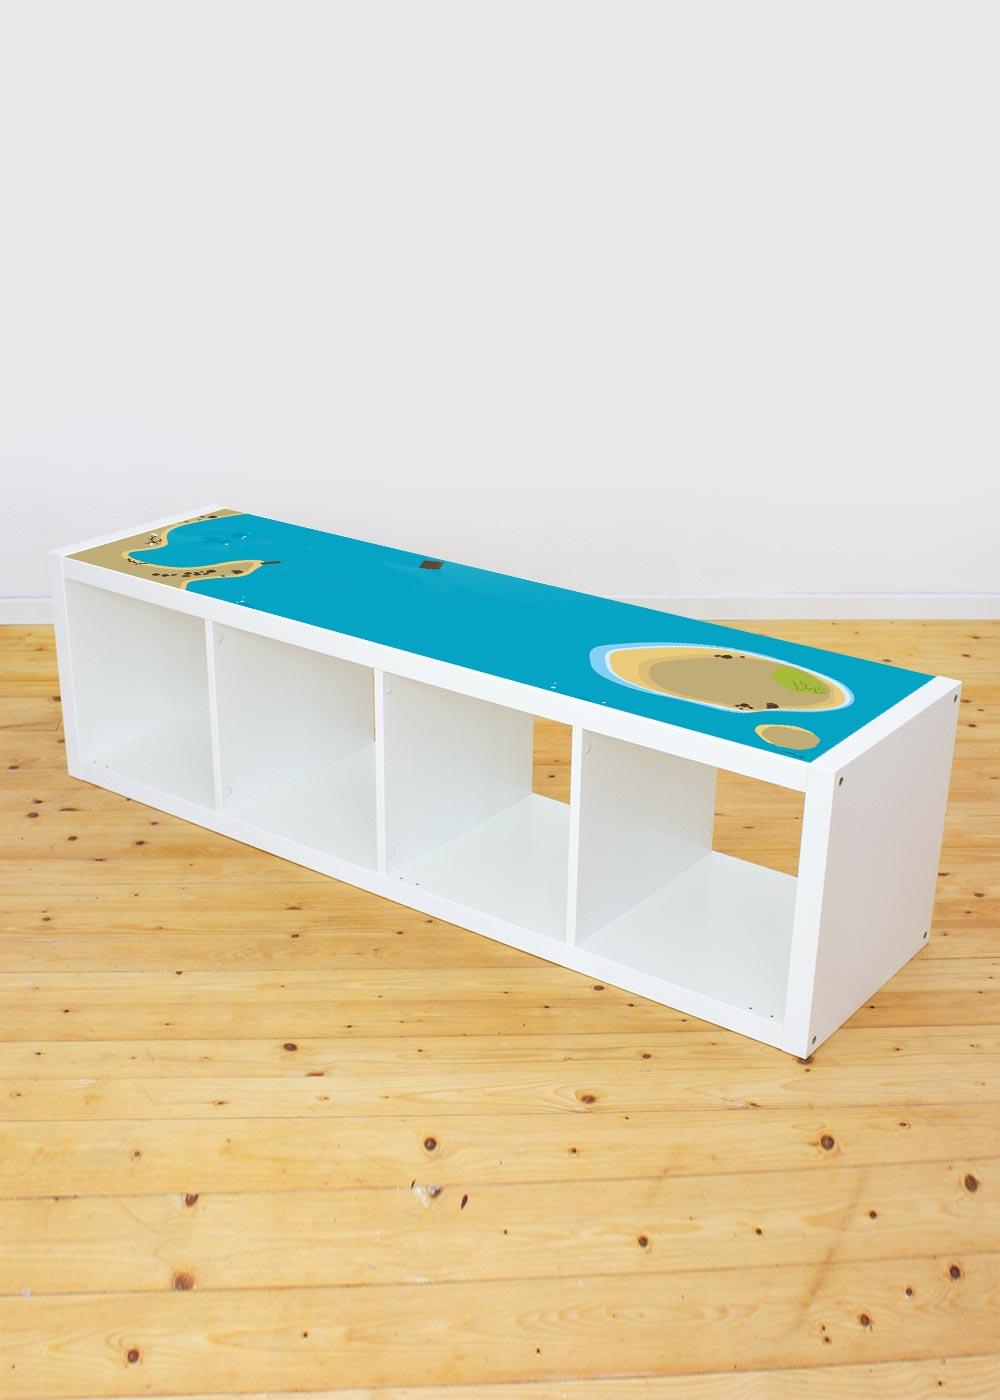 Ikea Kallax Regal Wasserreich 4fach Komplettansicht